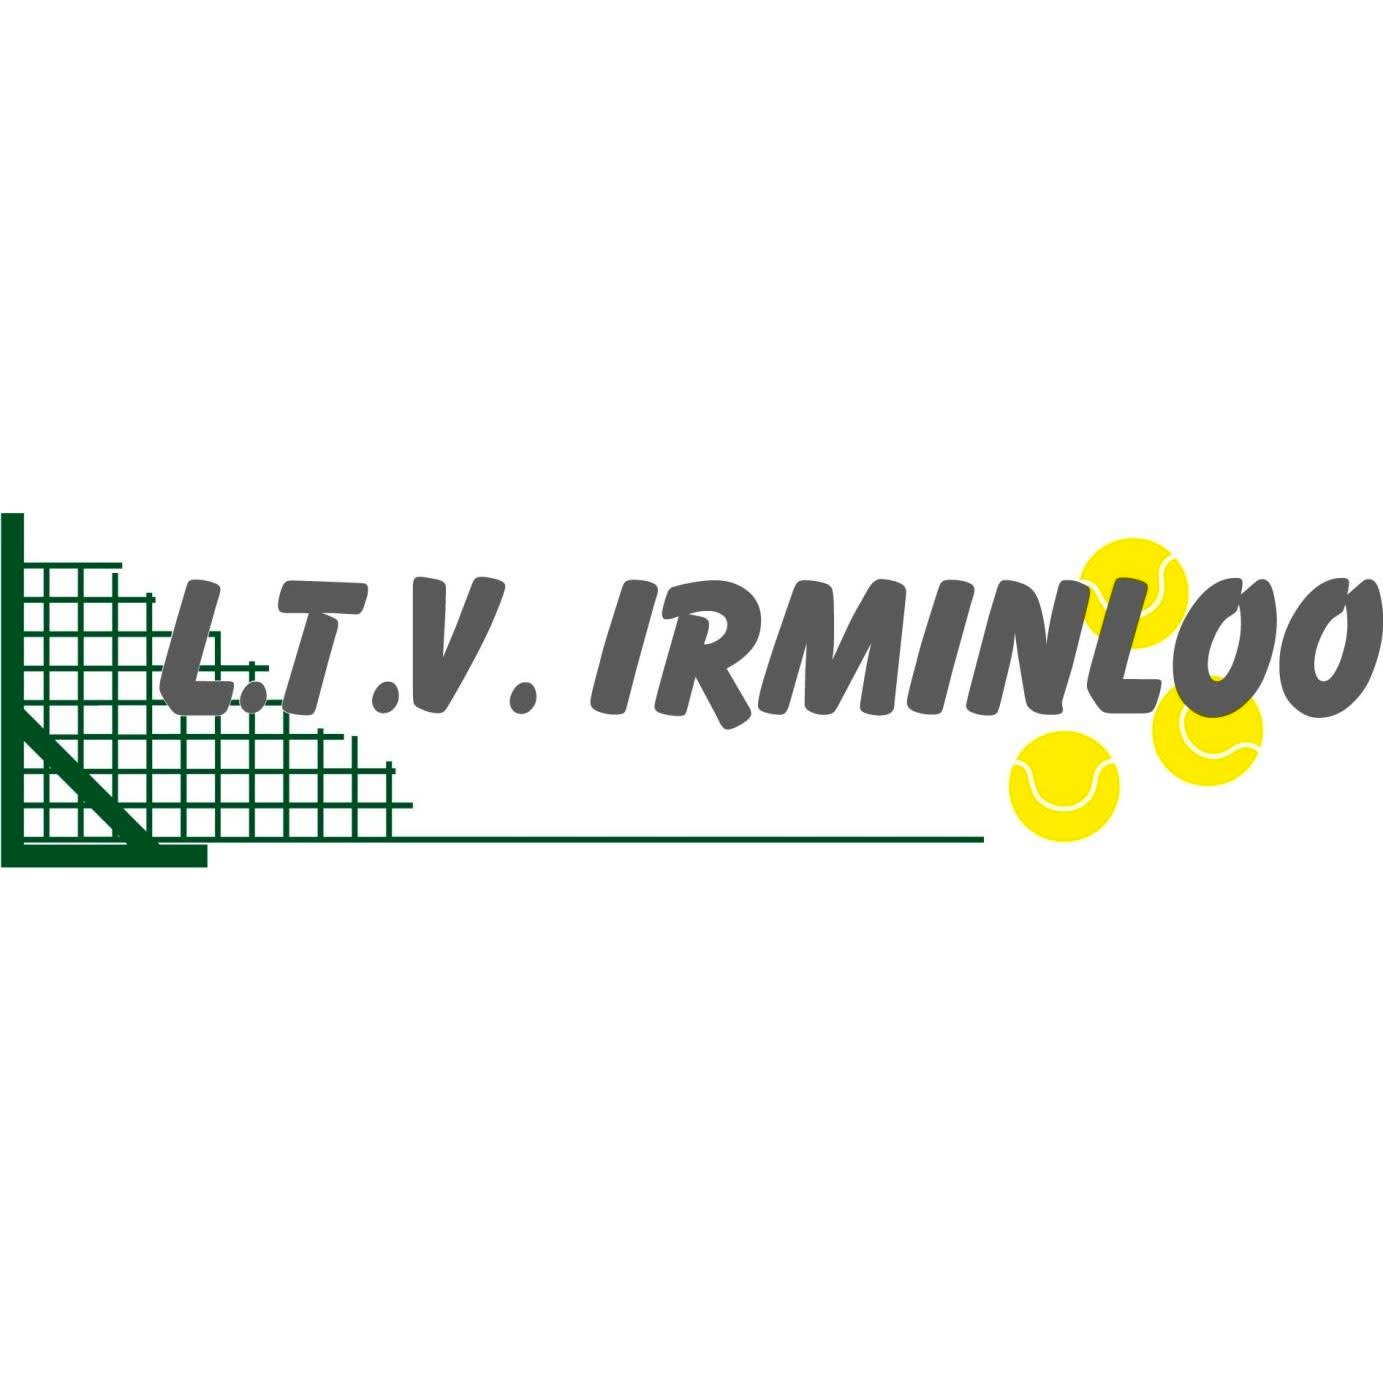 L.T.V Irminloo